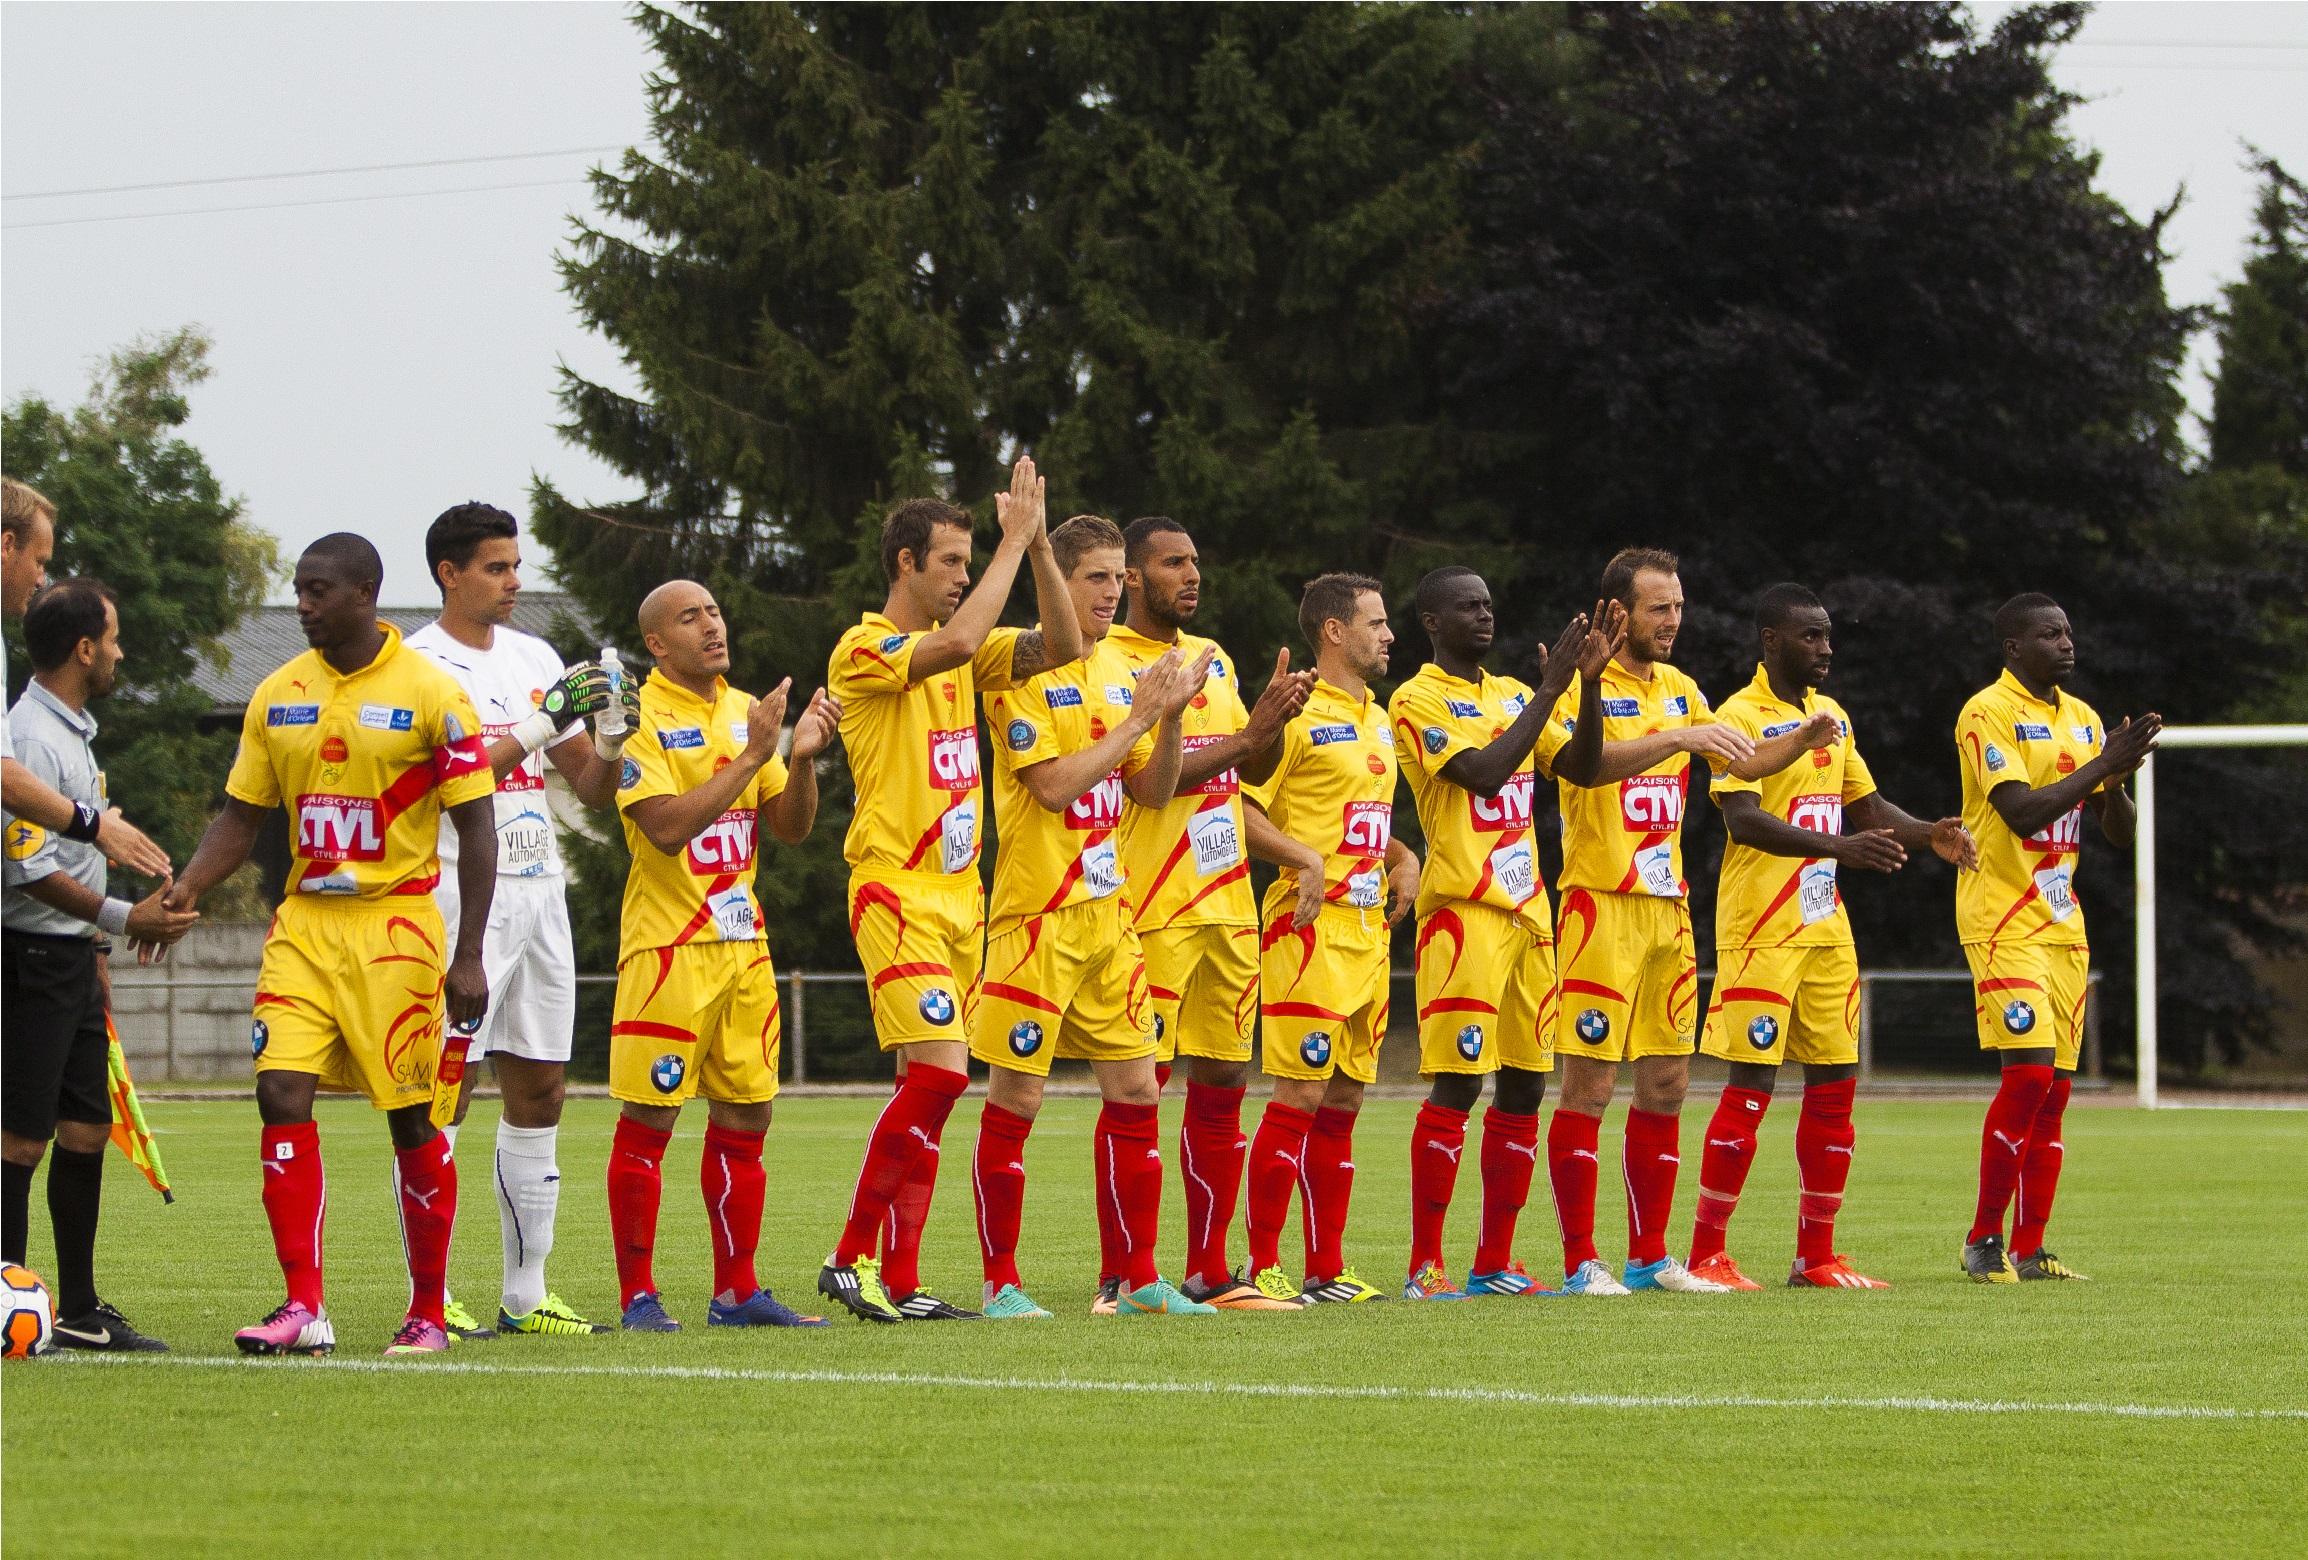 Rodez-Orleans 23 agosto: il pronostico di Ligue 2